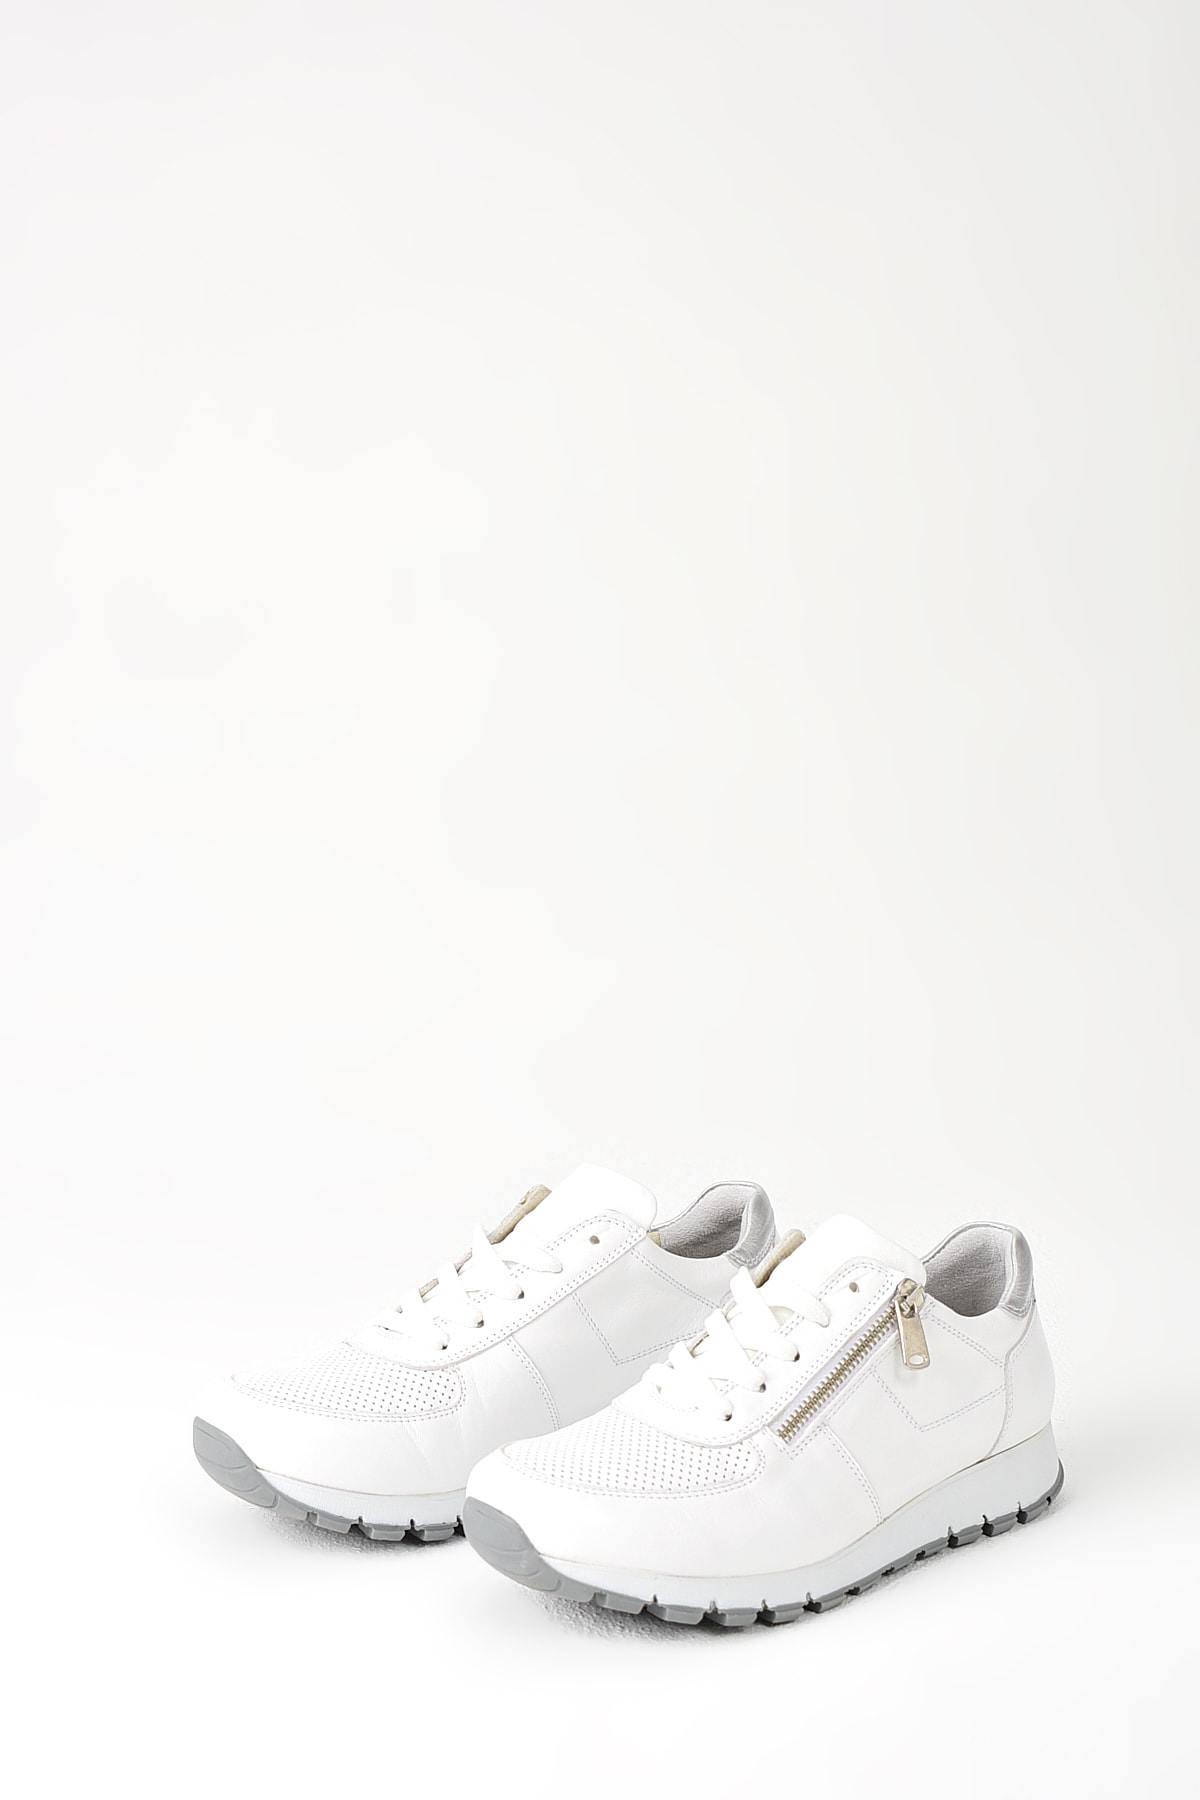 Uniquer Hakiki Deri Beyaz Kadın Ayakkabı 10157U 678 3